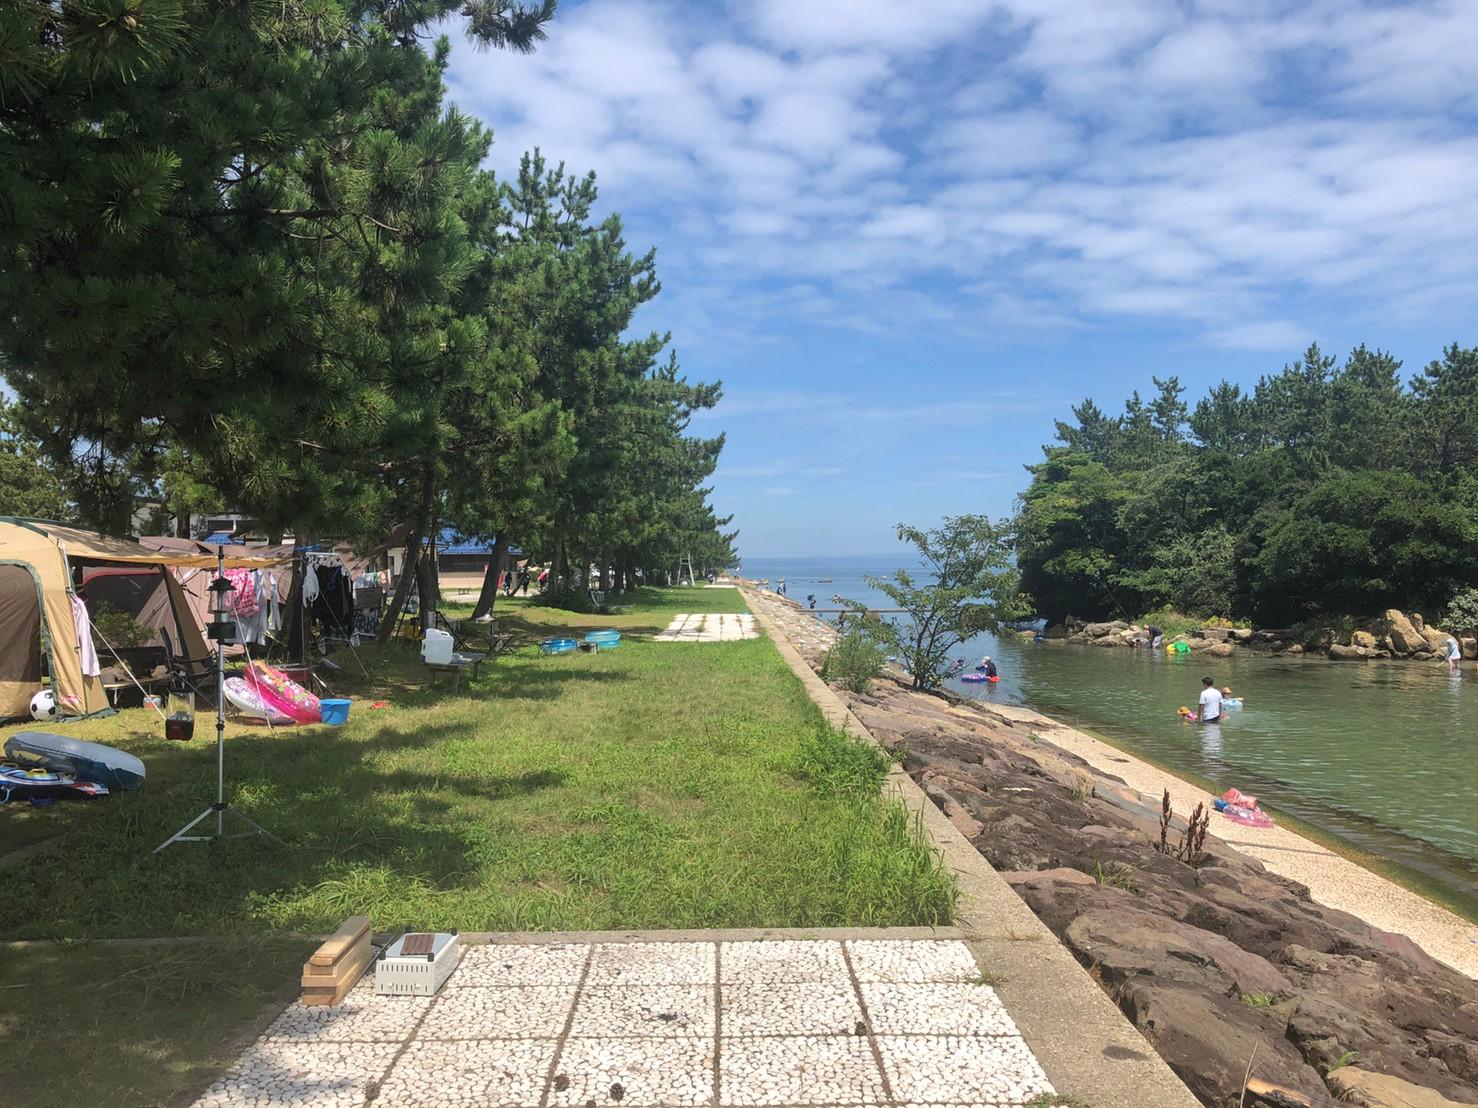 オート 場 松島 キャンプ 松島オートキャンプ場のテントサイトやAC電源、予約方法をご紹介!